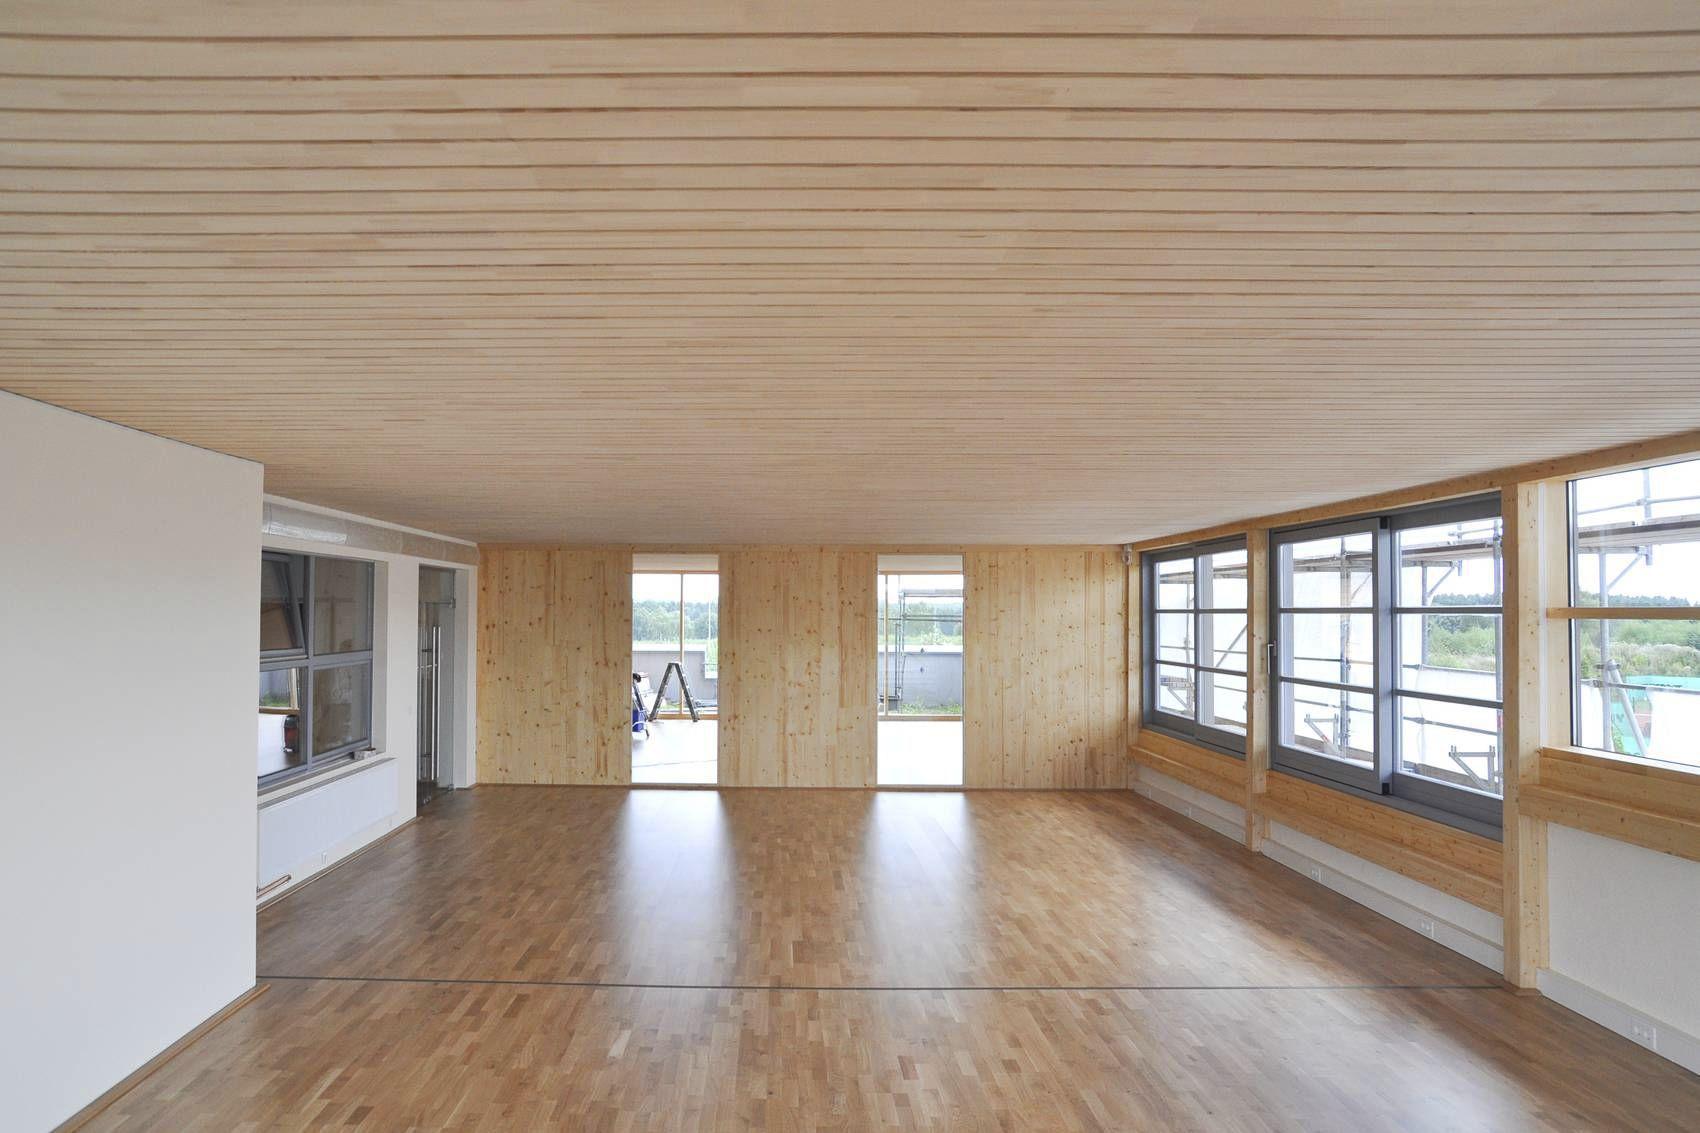 Solaio In Legno Lamellare Autoportante pannello strutturale in legno - q3 classique bv - lignotrend